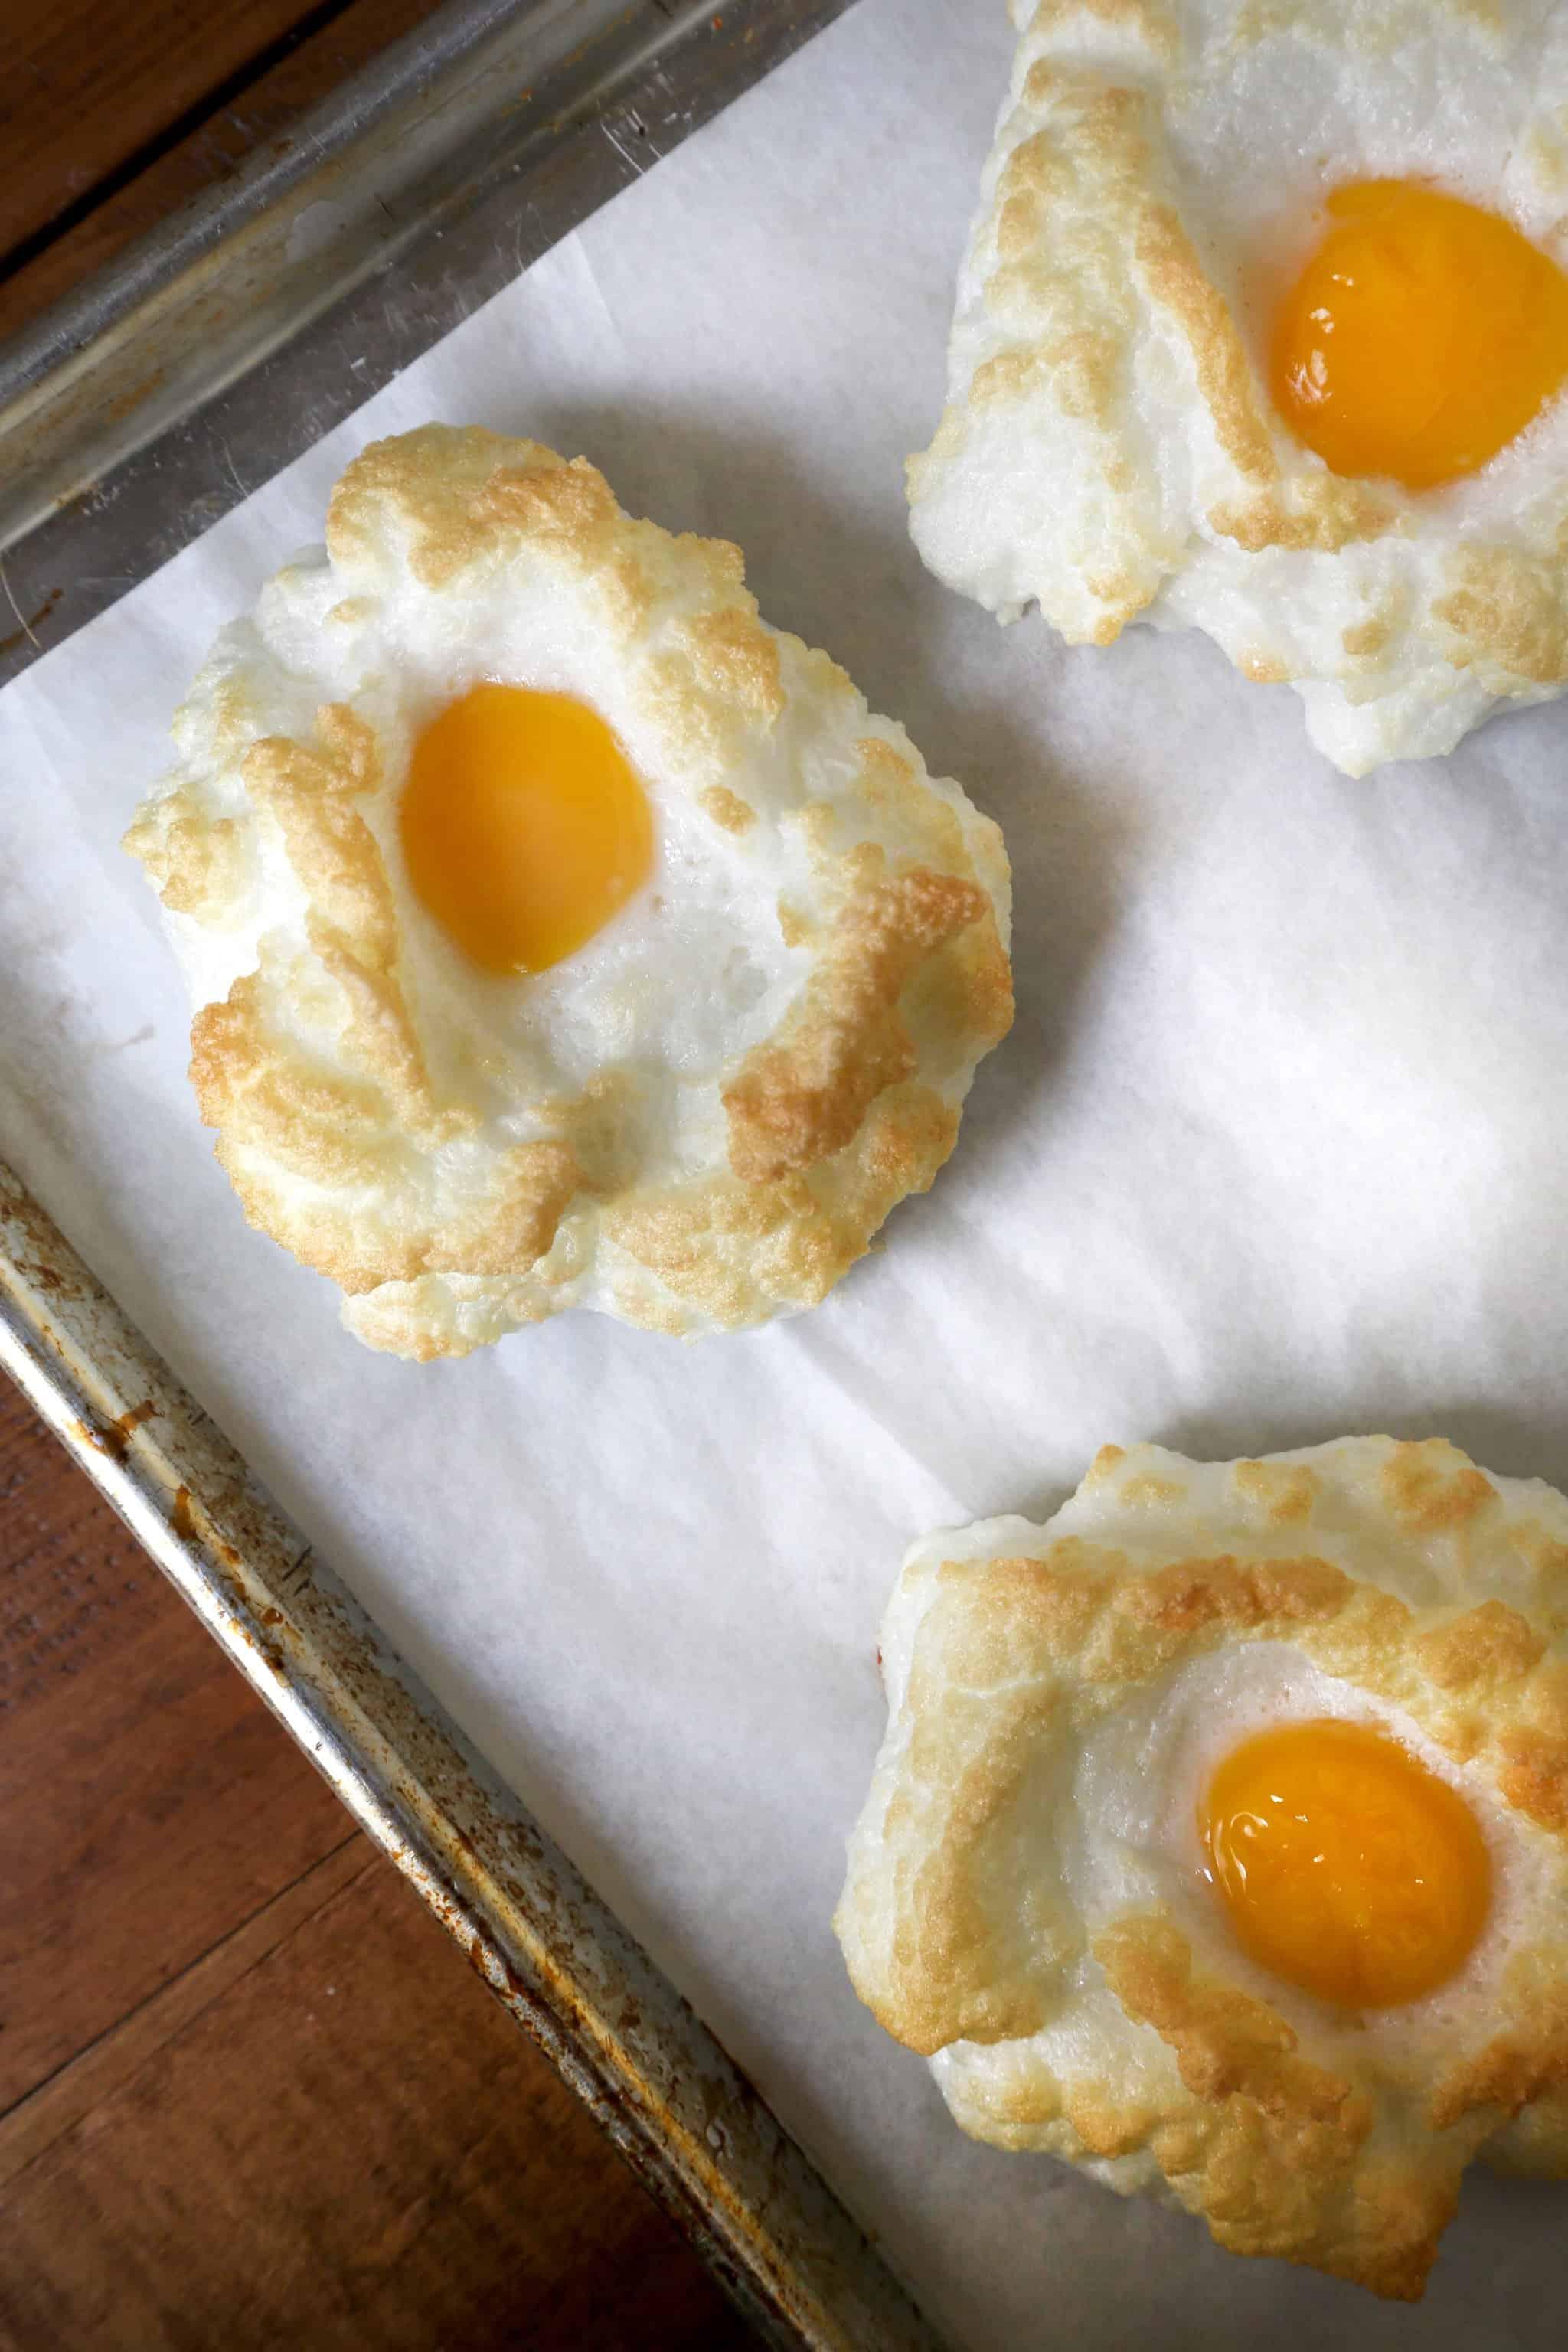 Egg clouds recipe